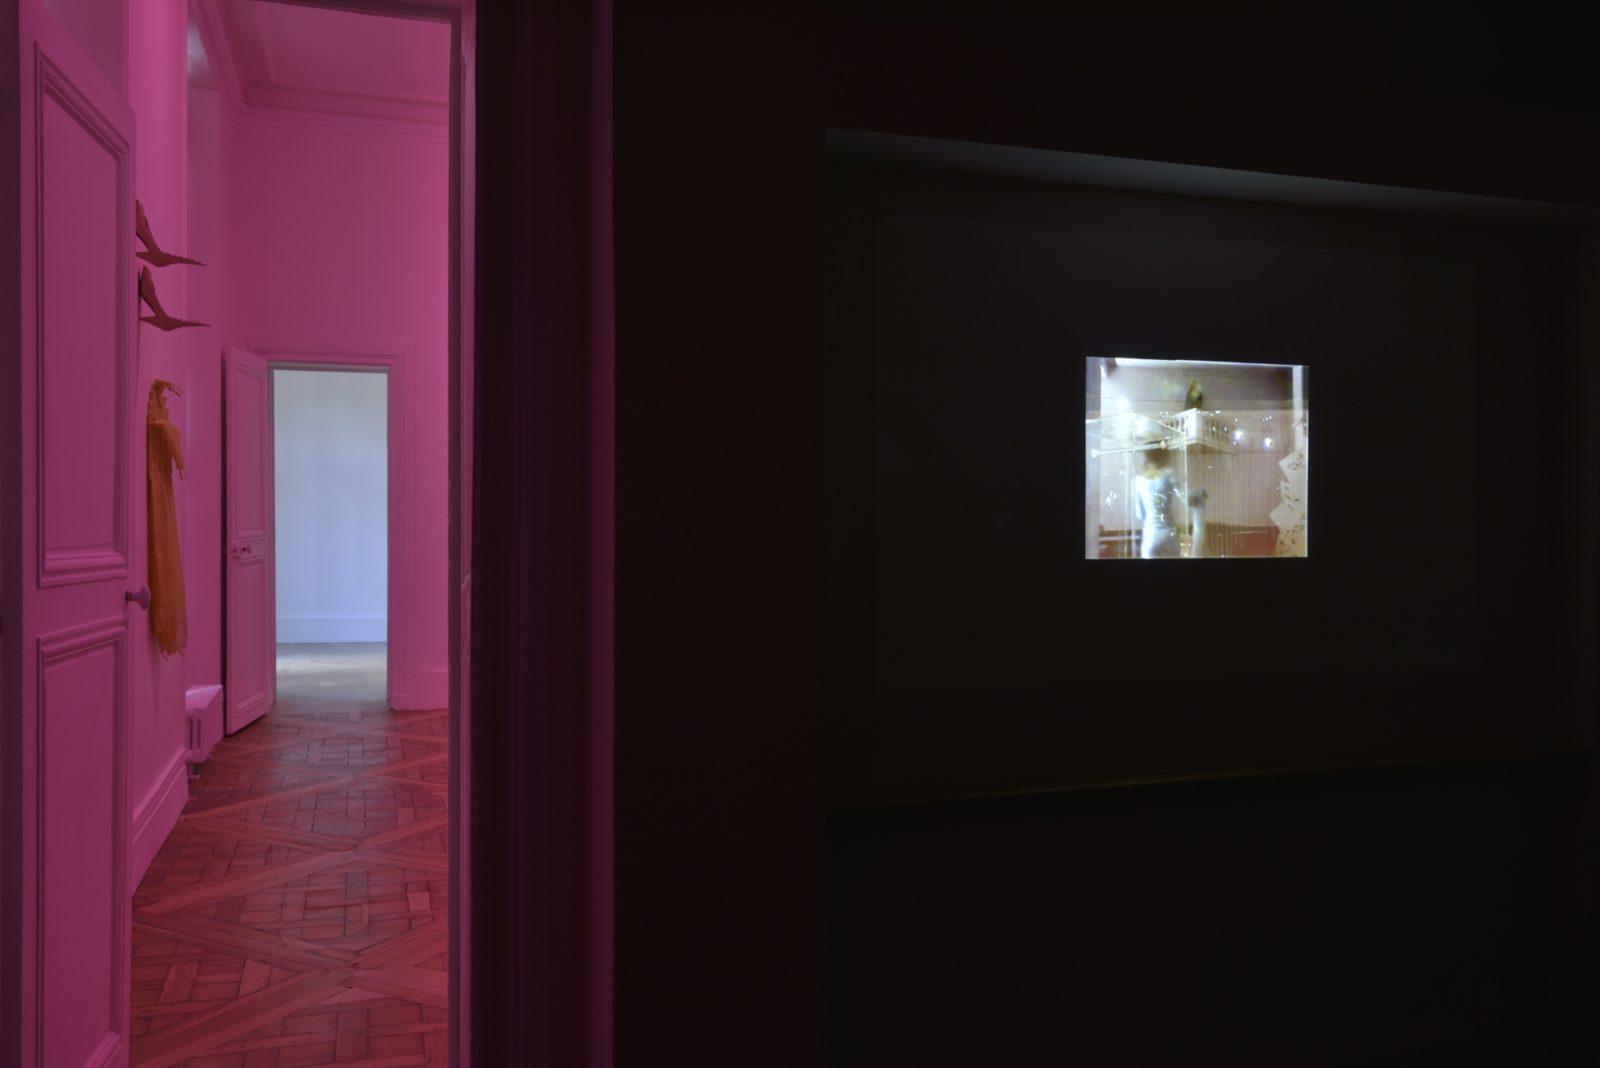 La galería parisina Campoli Presti exhibe 'déconnexion', de Cinzia Ruggeri